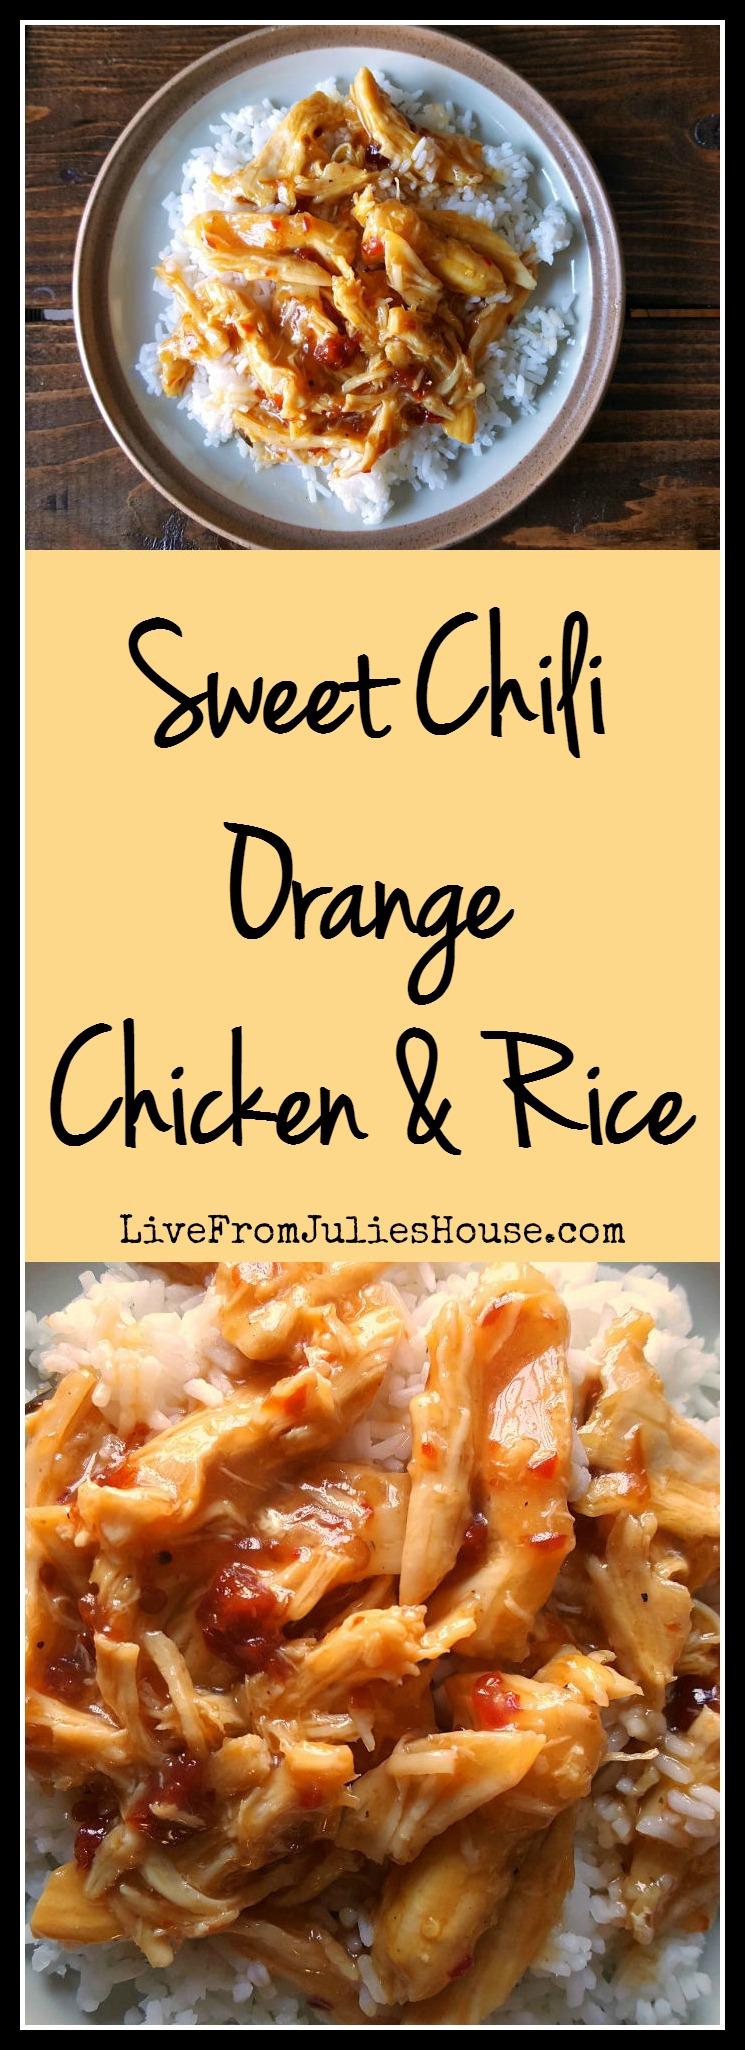 Sweet Chili Orange chicken & rice